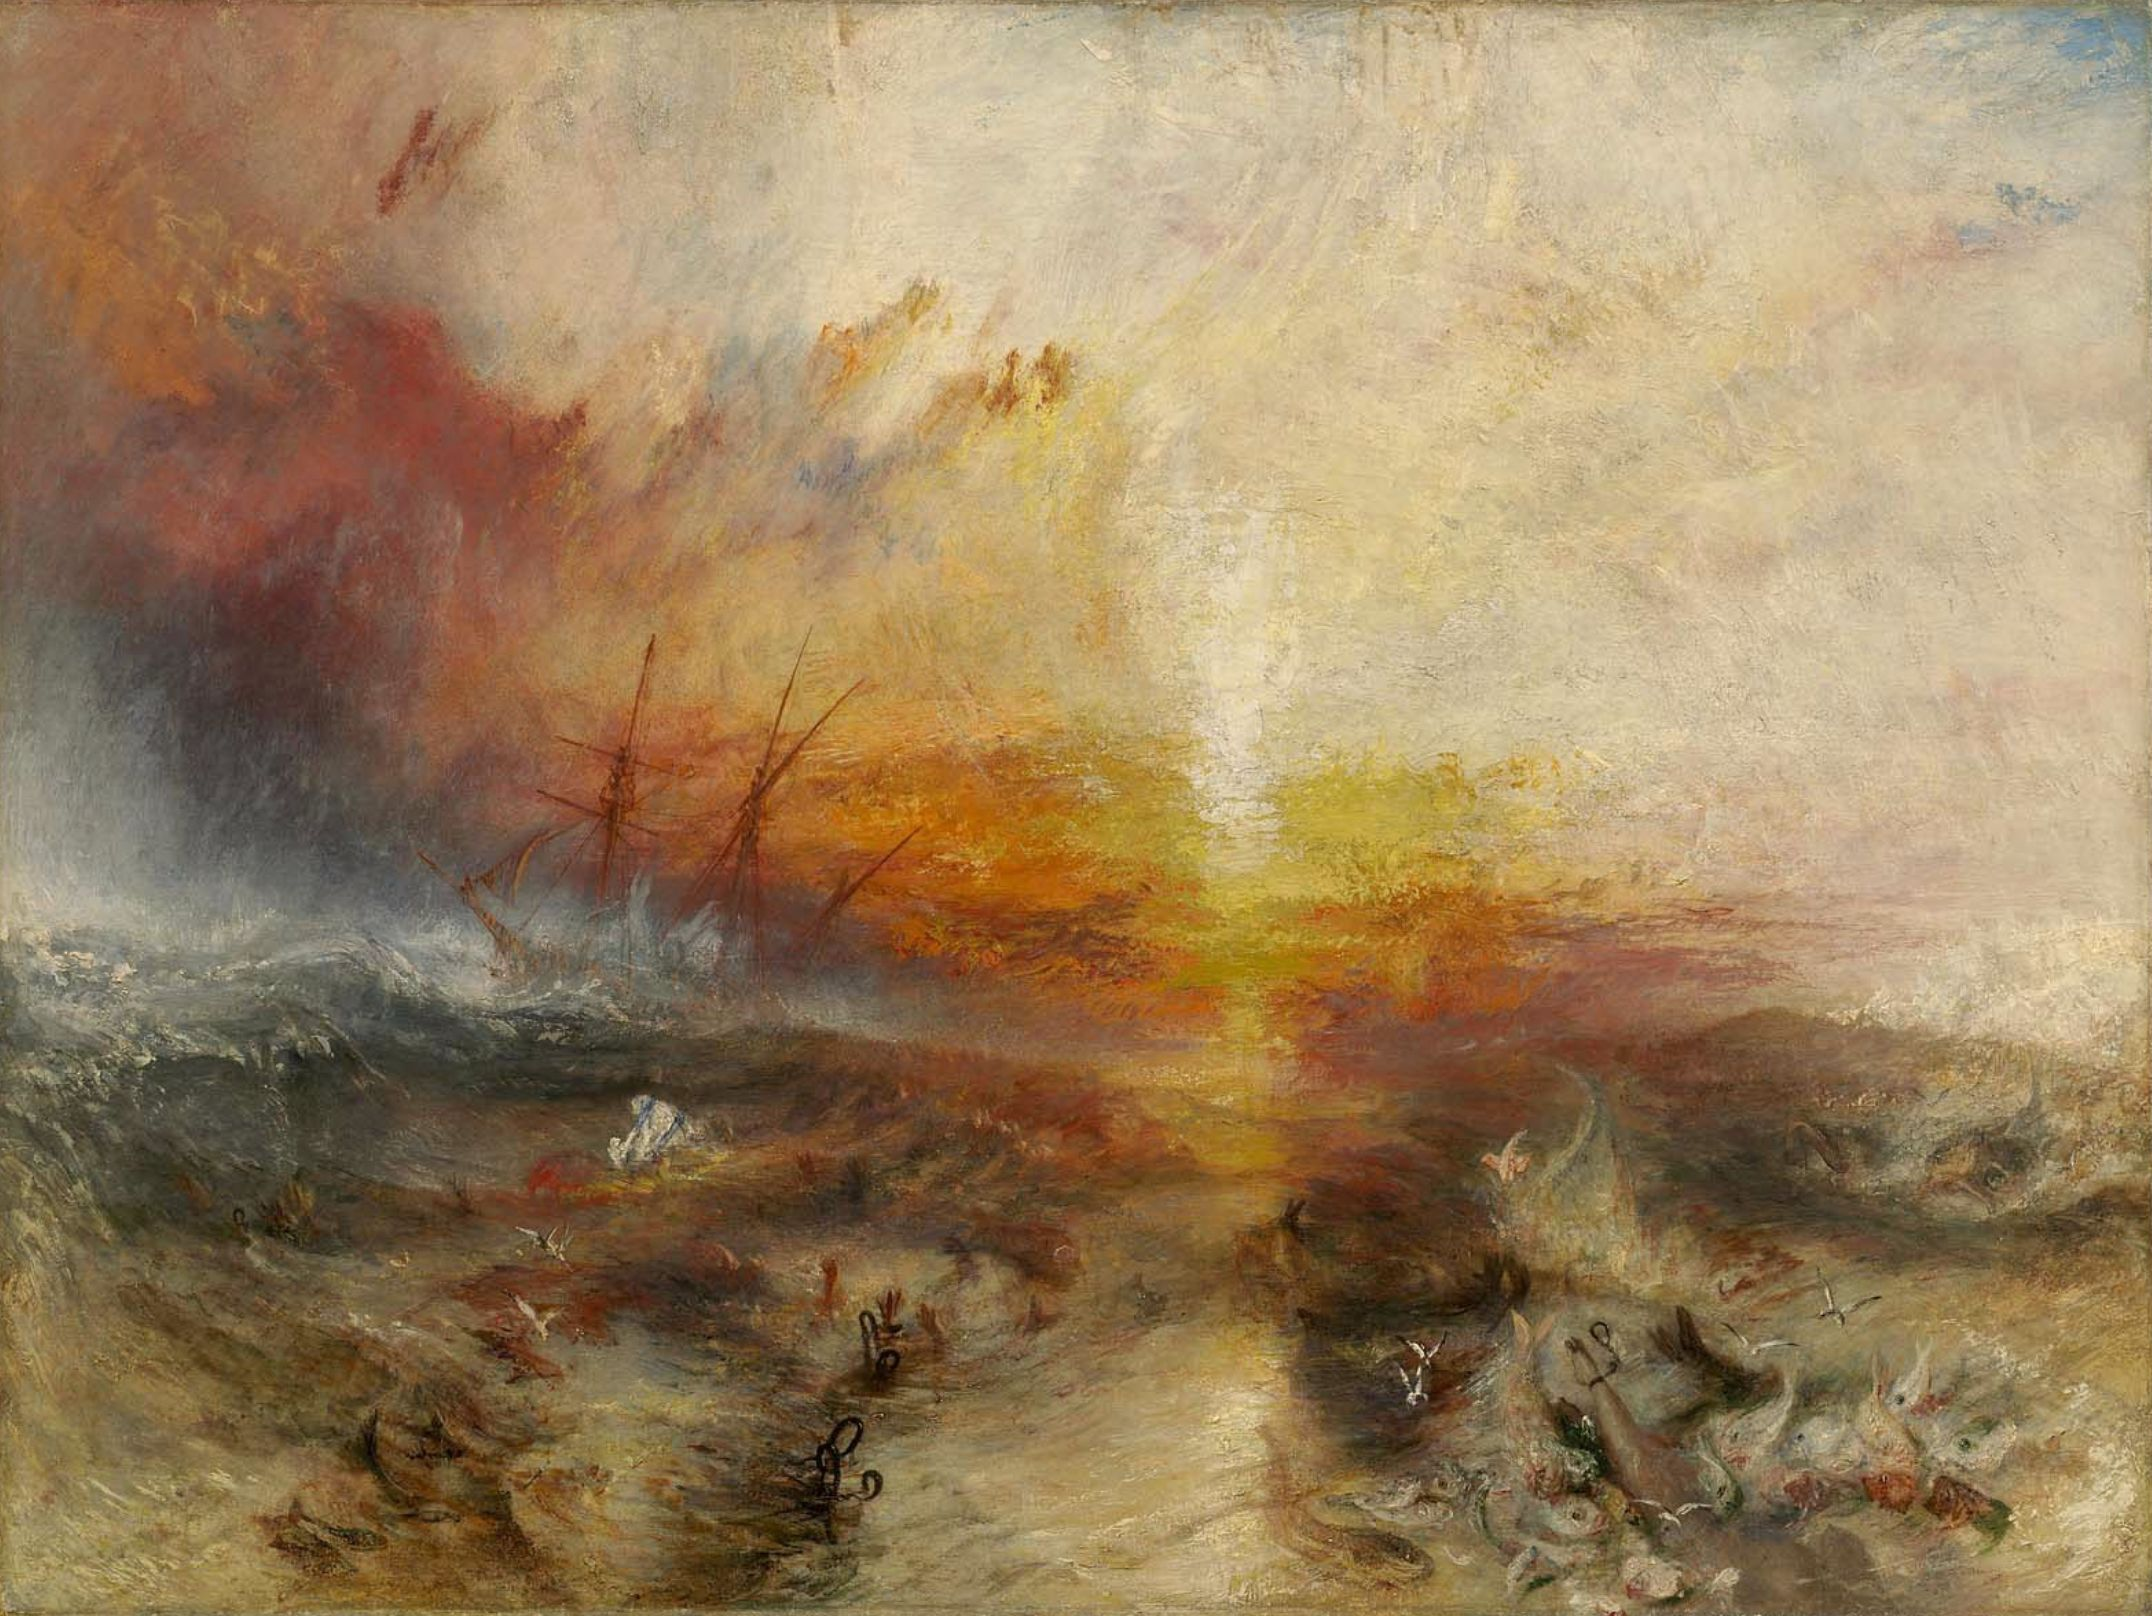 J.M.W. Turner's The Slave Ship